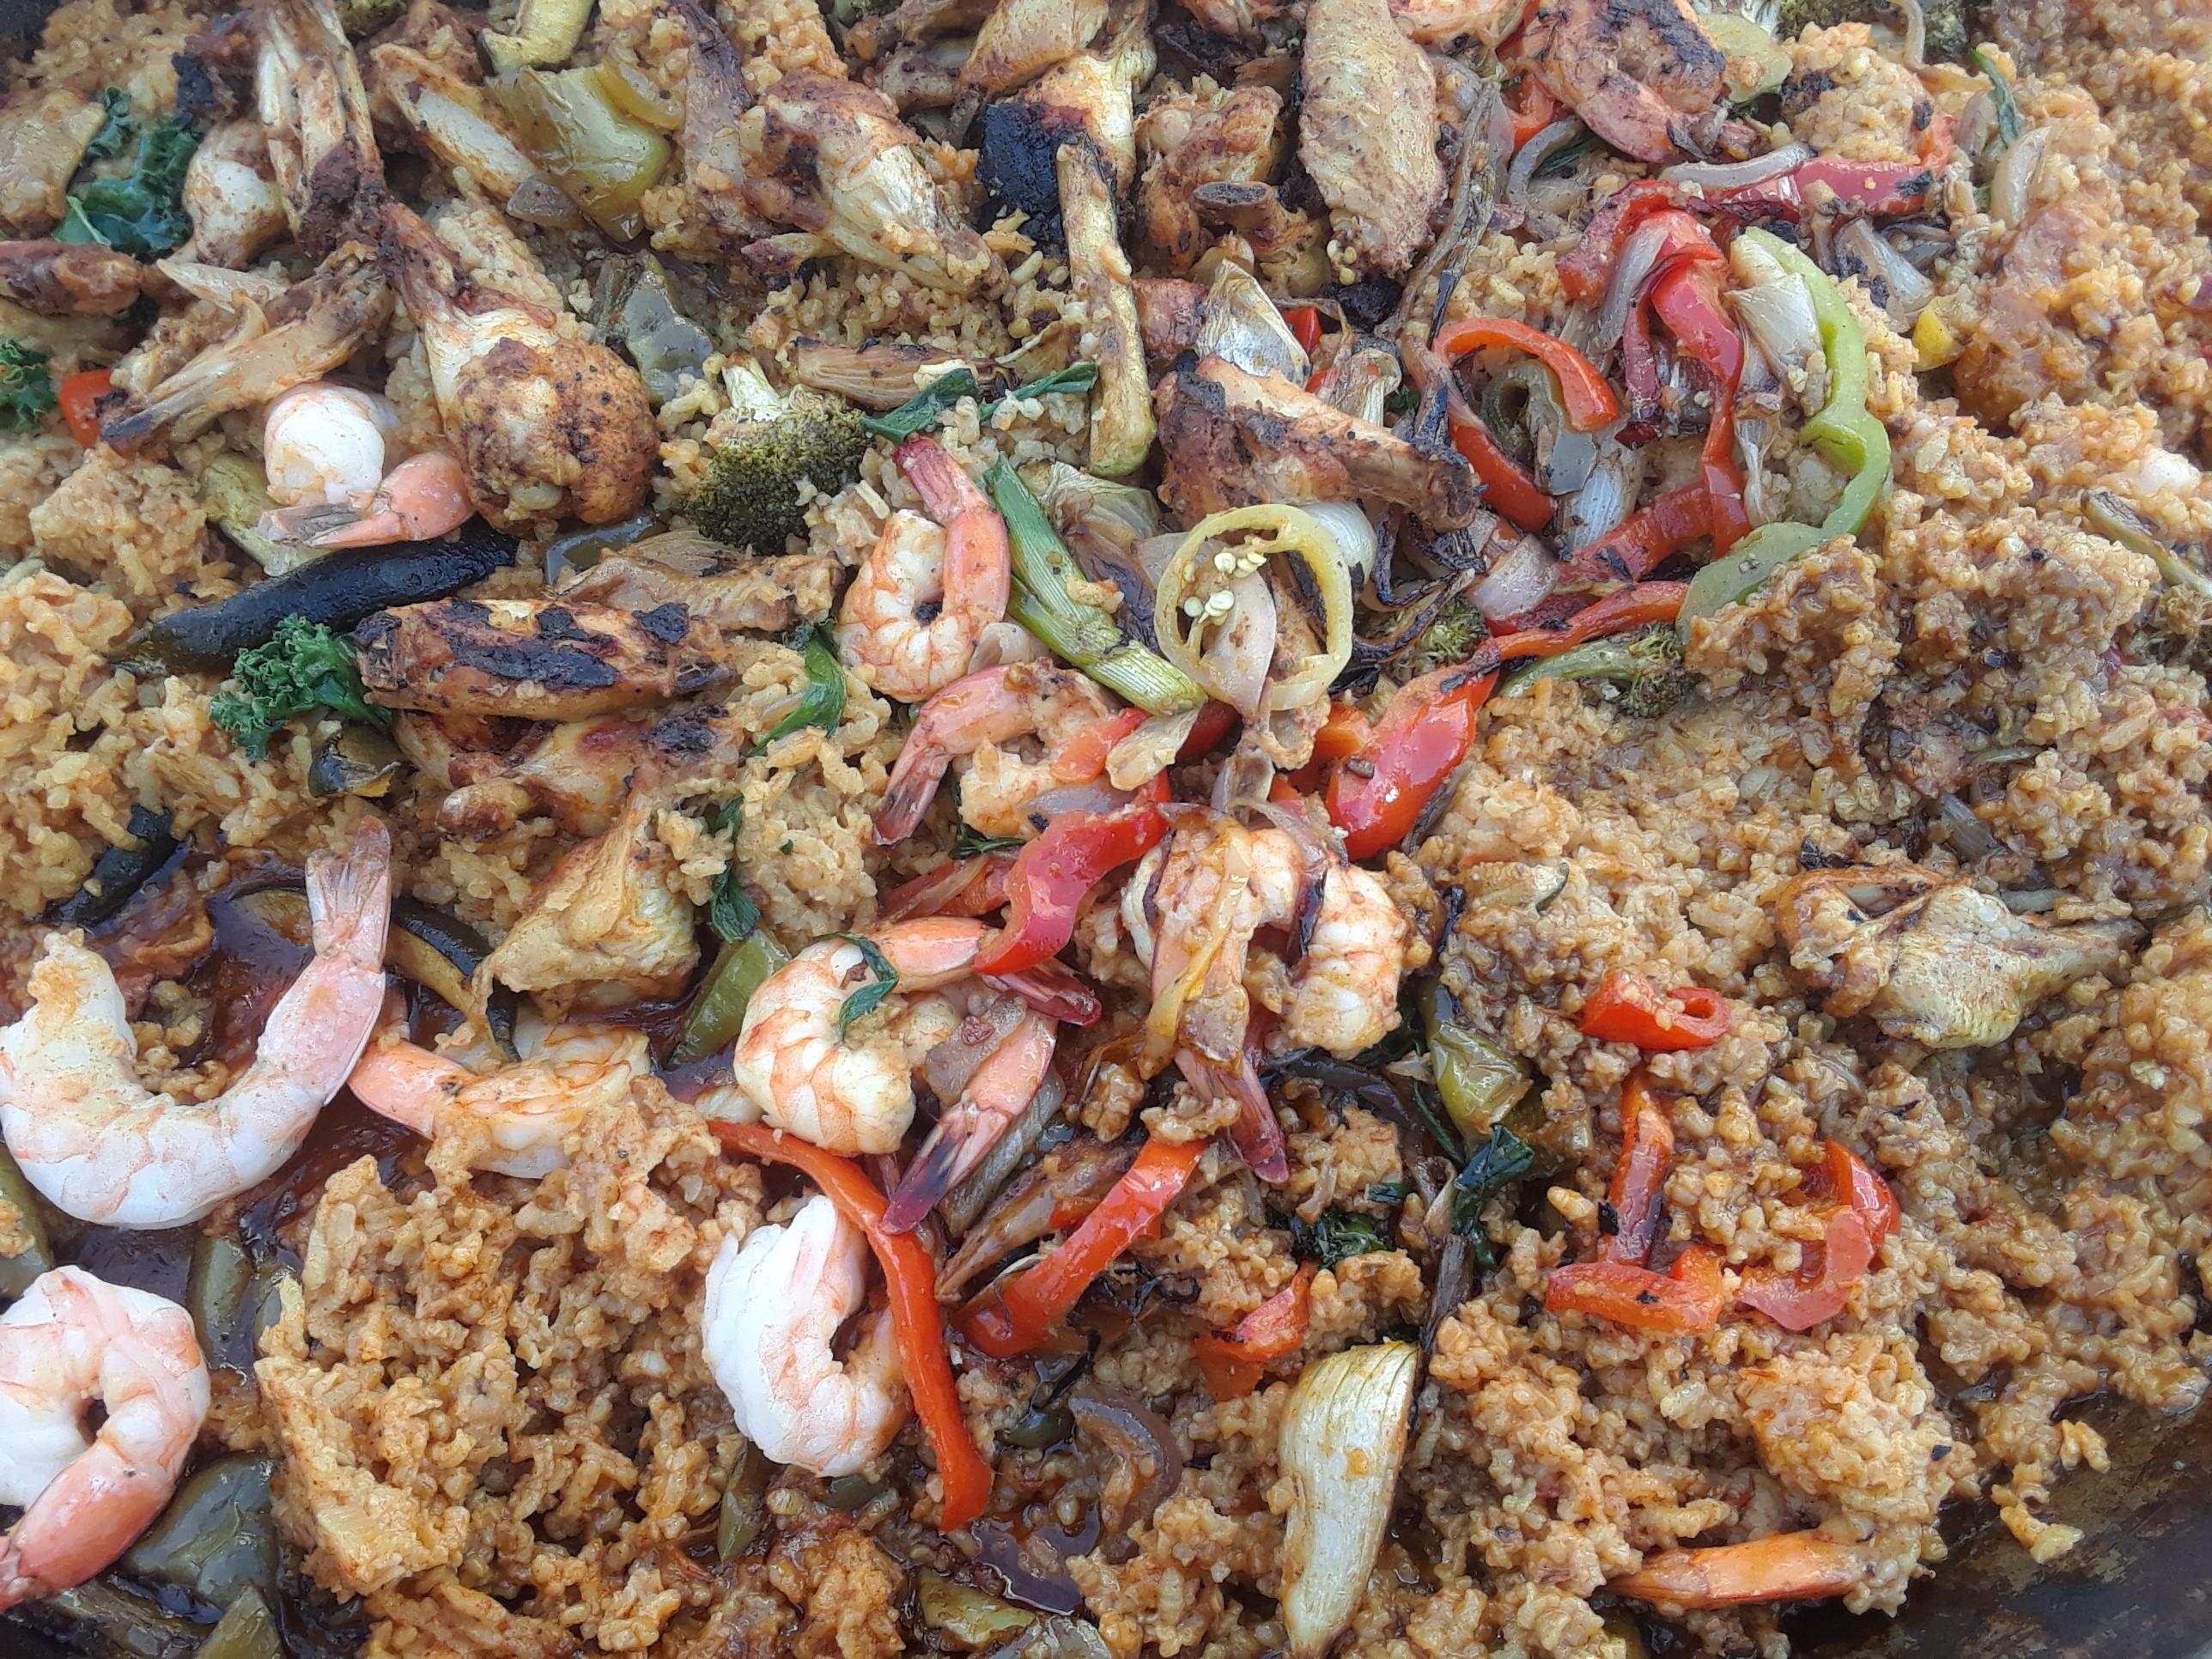 Bodega bay seafood festival